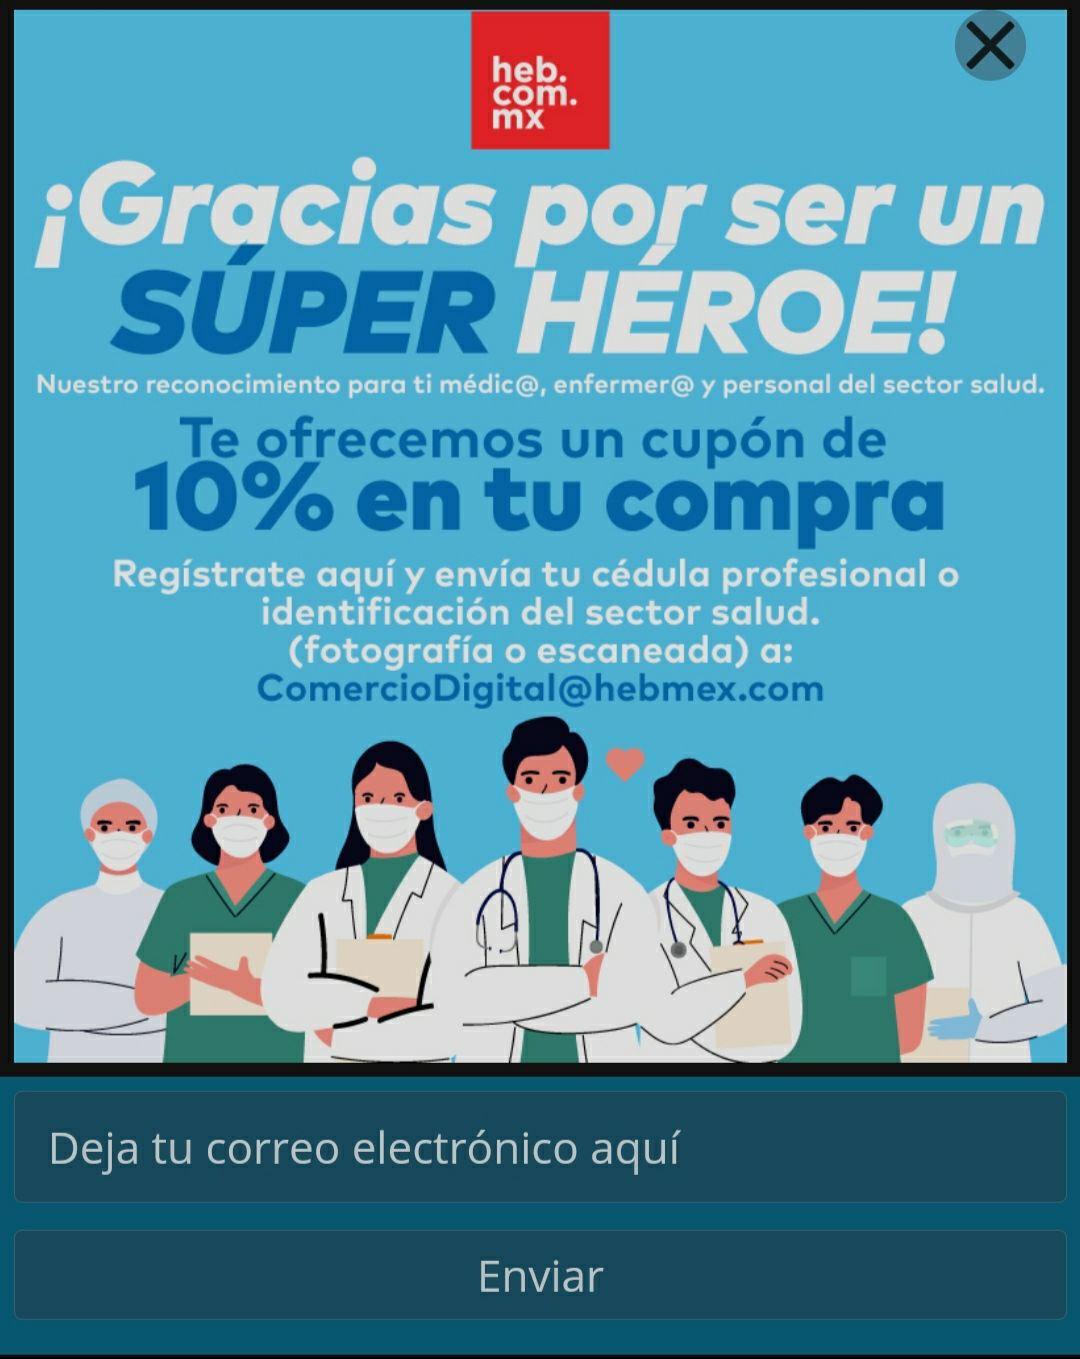 HEB: Cupón de 10% en tu compra para médic@s, enfermer@s y personal del sector salud